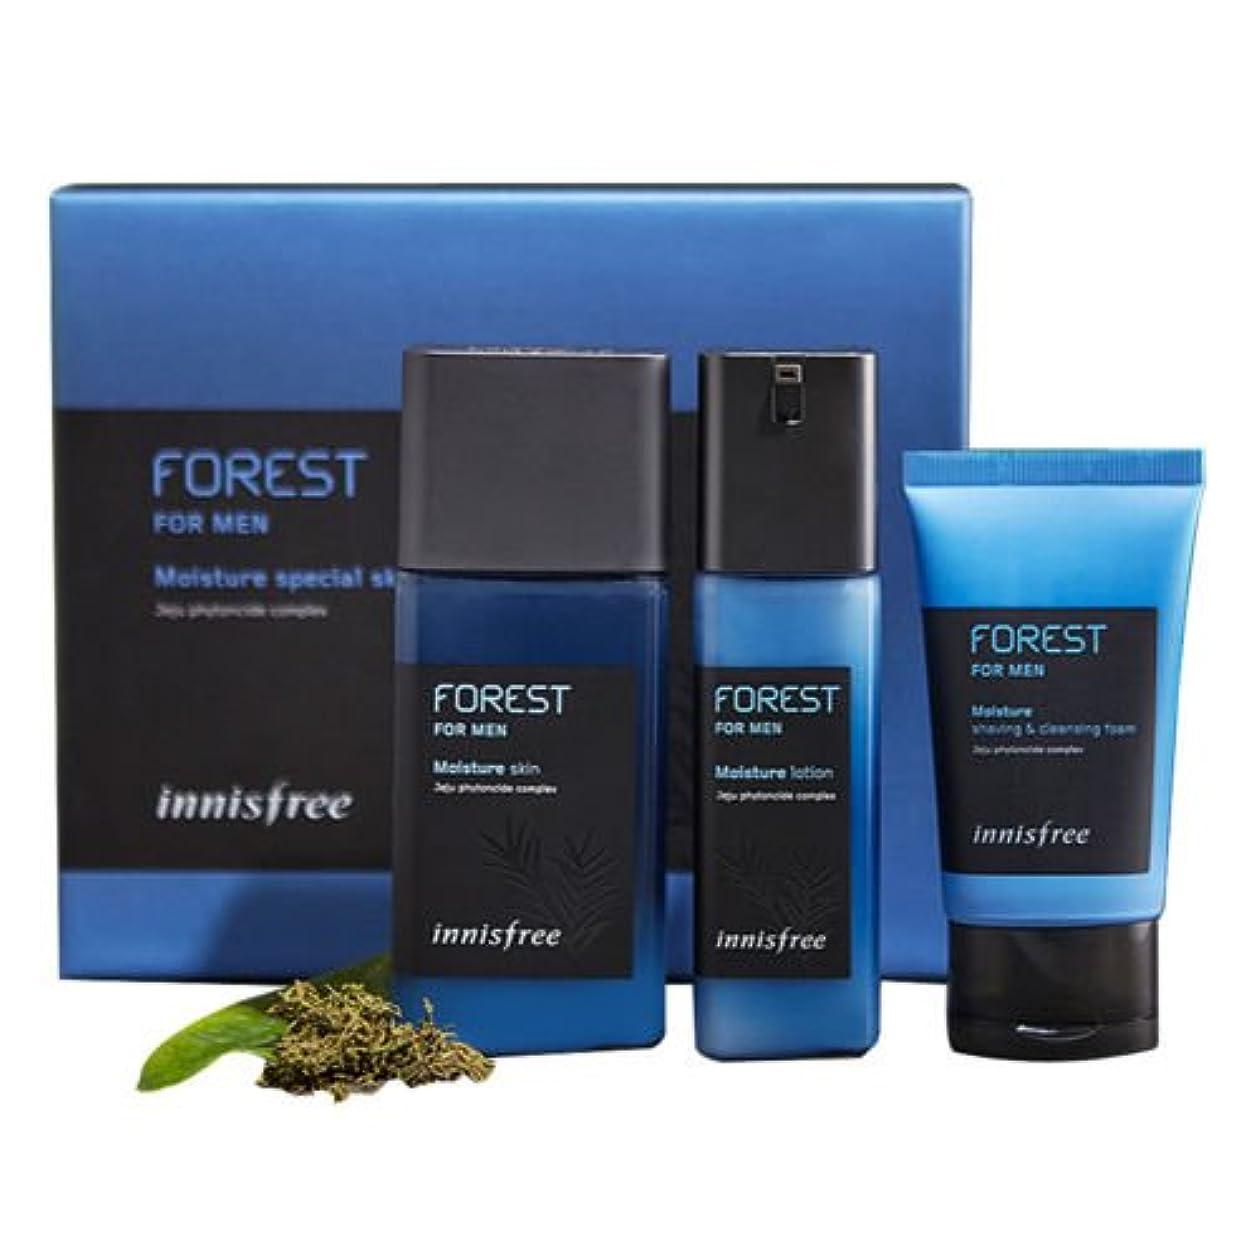 ナビゲーションマーティンルーサーキングジュニアホバート[イニスフリー Innisfree]フォレストフォーメンモイスチャースペシャルスキンケアセット/Forest for men Moisture special skin care set (Skin 180ml+ Lotion...